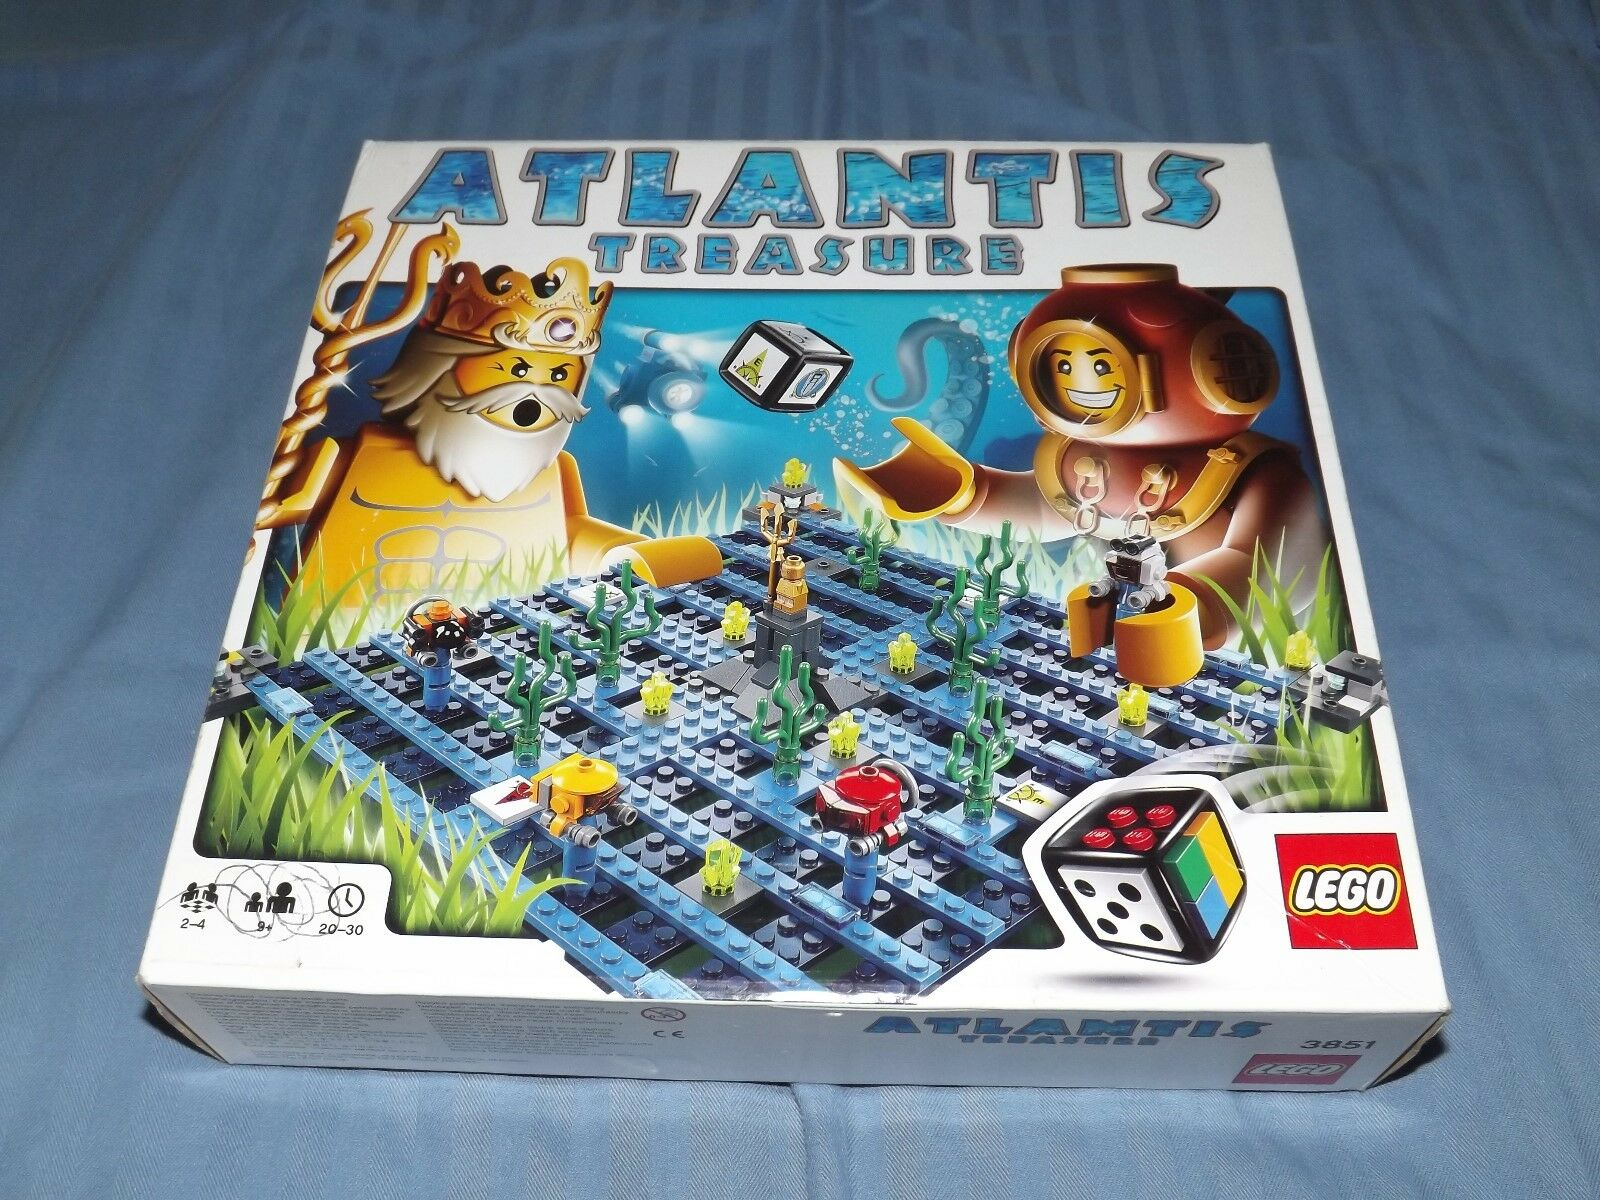 Lego Coffret jeux gratuit UK AffranchisseHommes t t AffranchisseHommes complet (sauf indication contraire) certains Scellé 3645c5